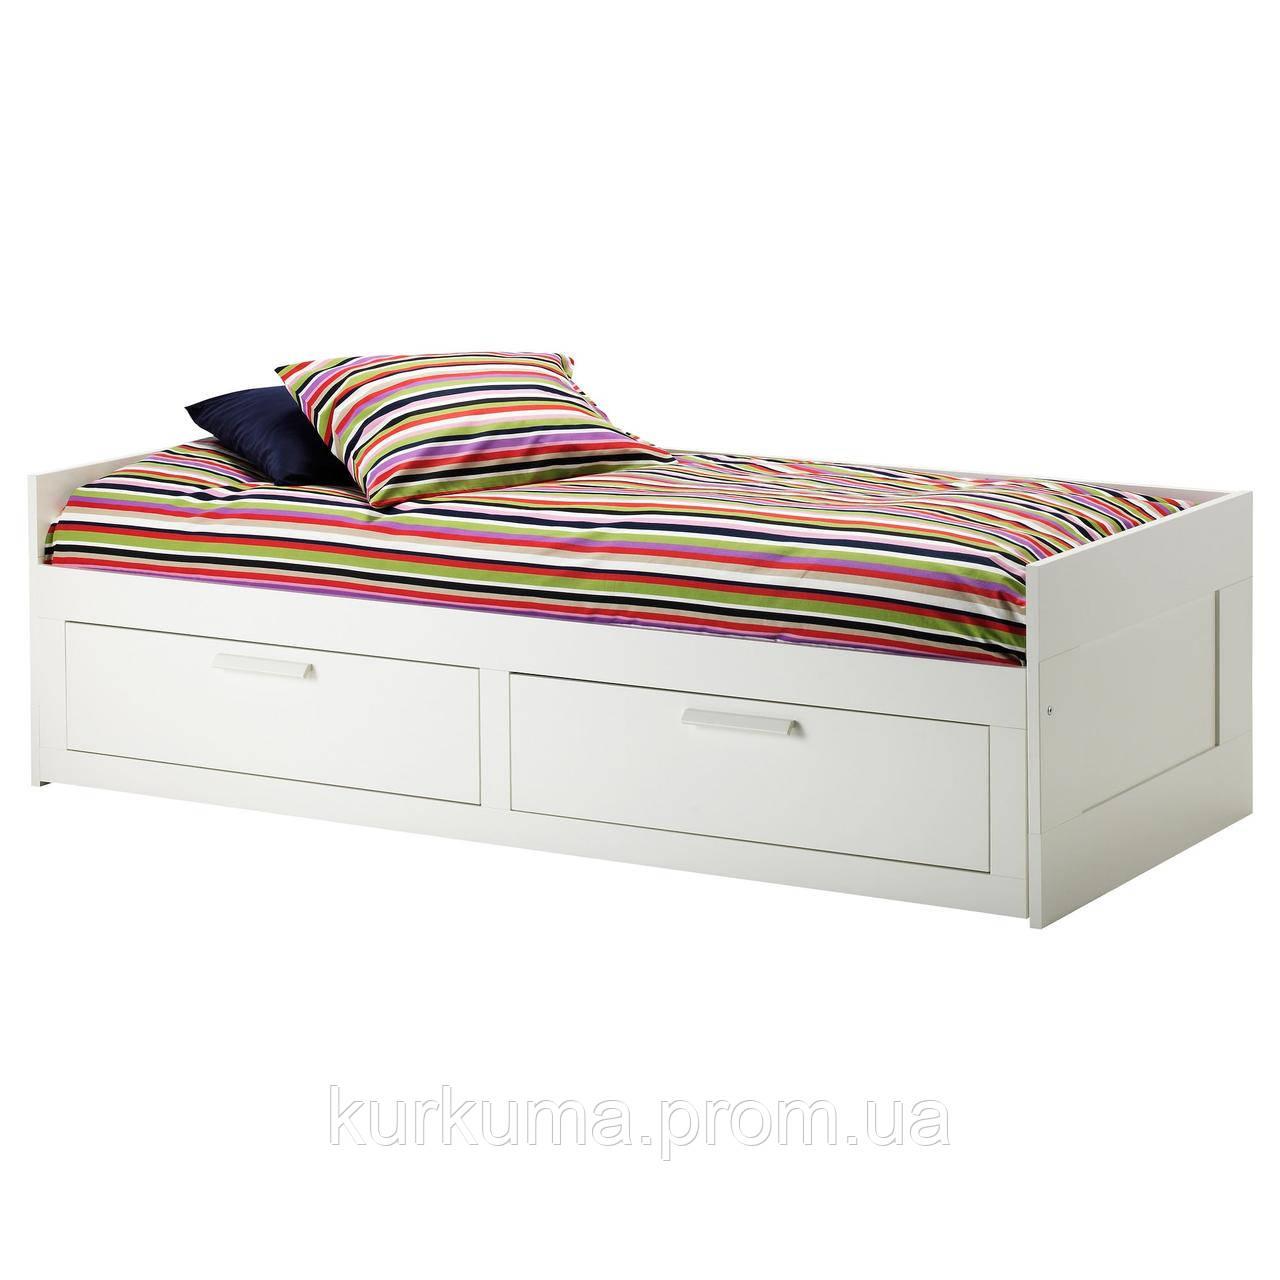 IKEA BRIMNES Раскладная кровать с 2 ящиками и 2 матрасами, белый, Малфорс средней жесткости  (191.299.32)